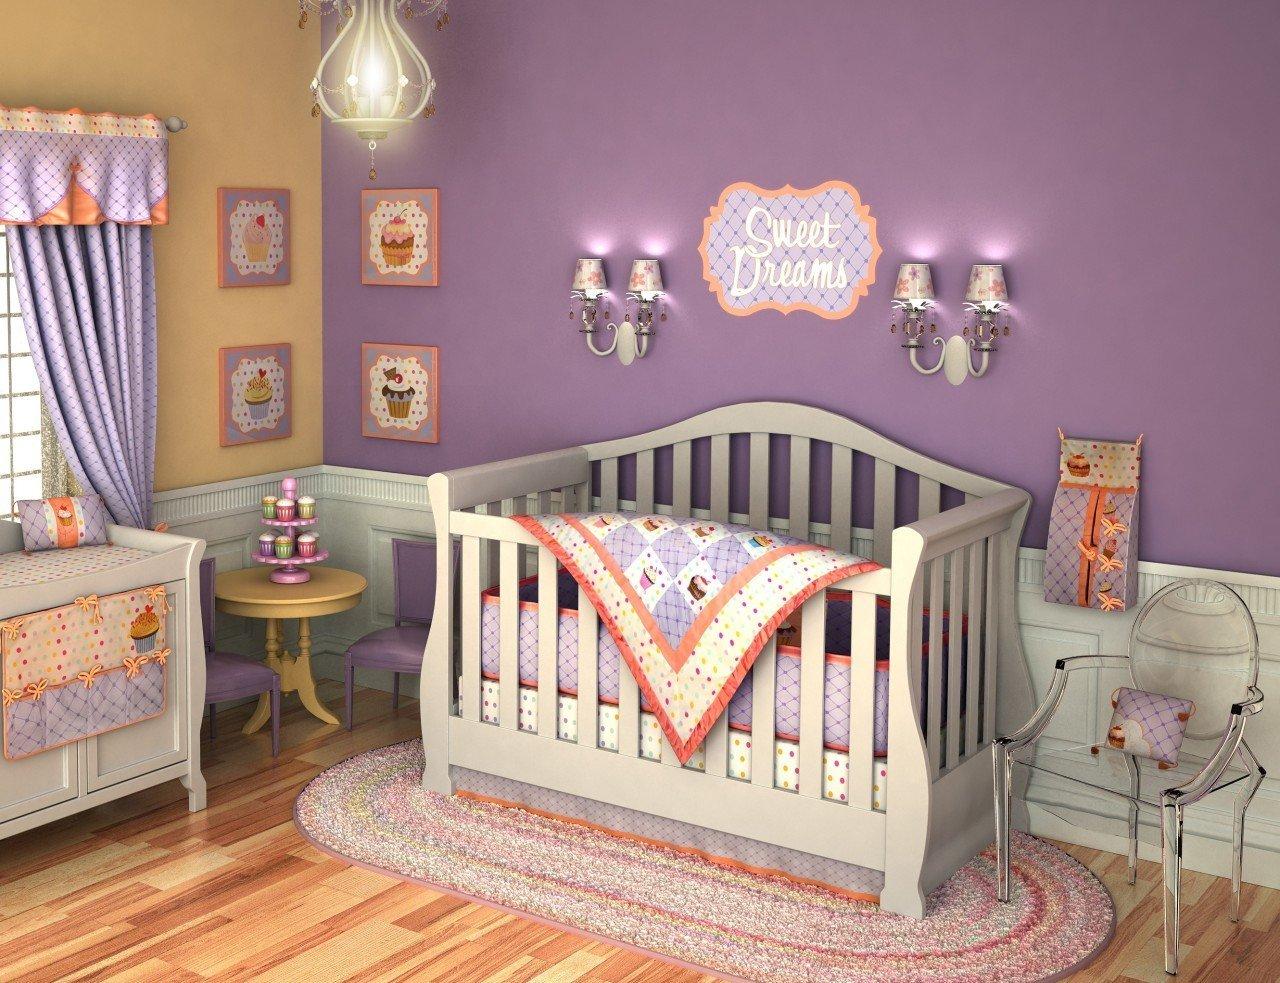 детская комната для новорожденного фото дизайна